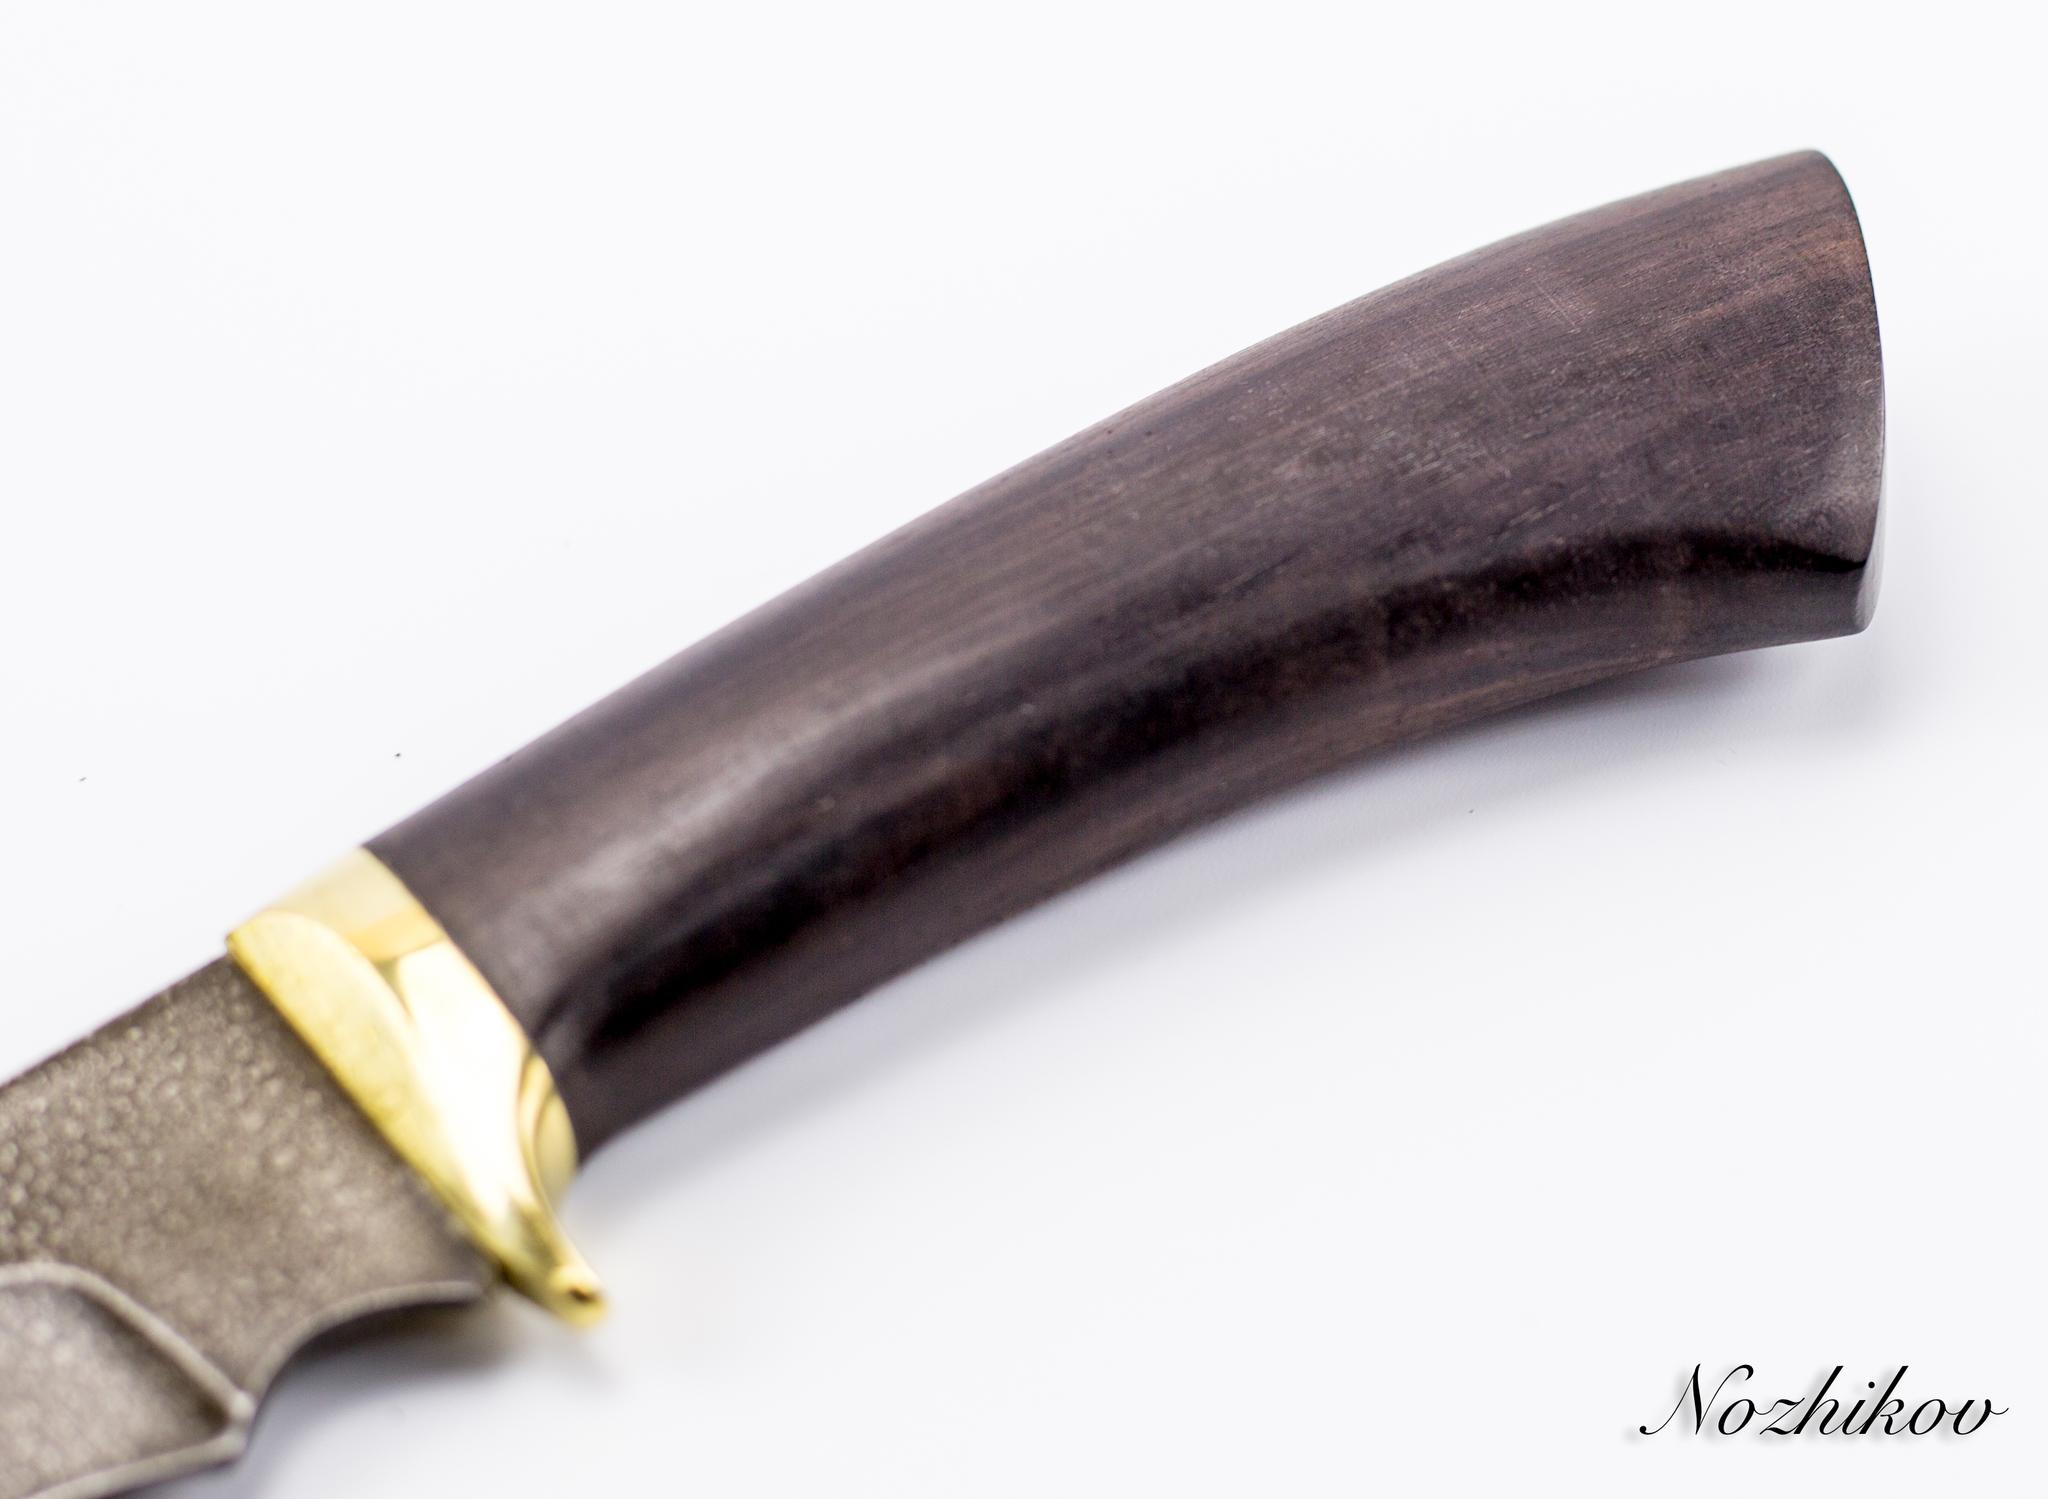 Фото 4 - Нож Волк-2, сталь ХВ5, граб от Промтехснаб